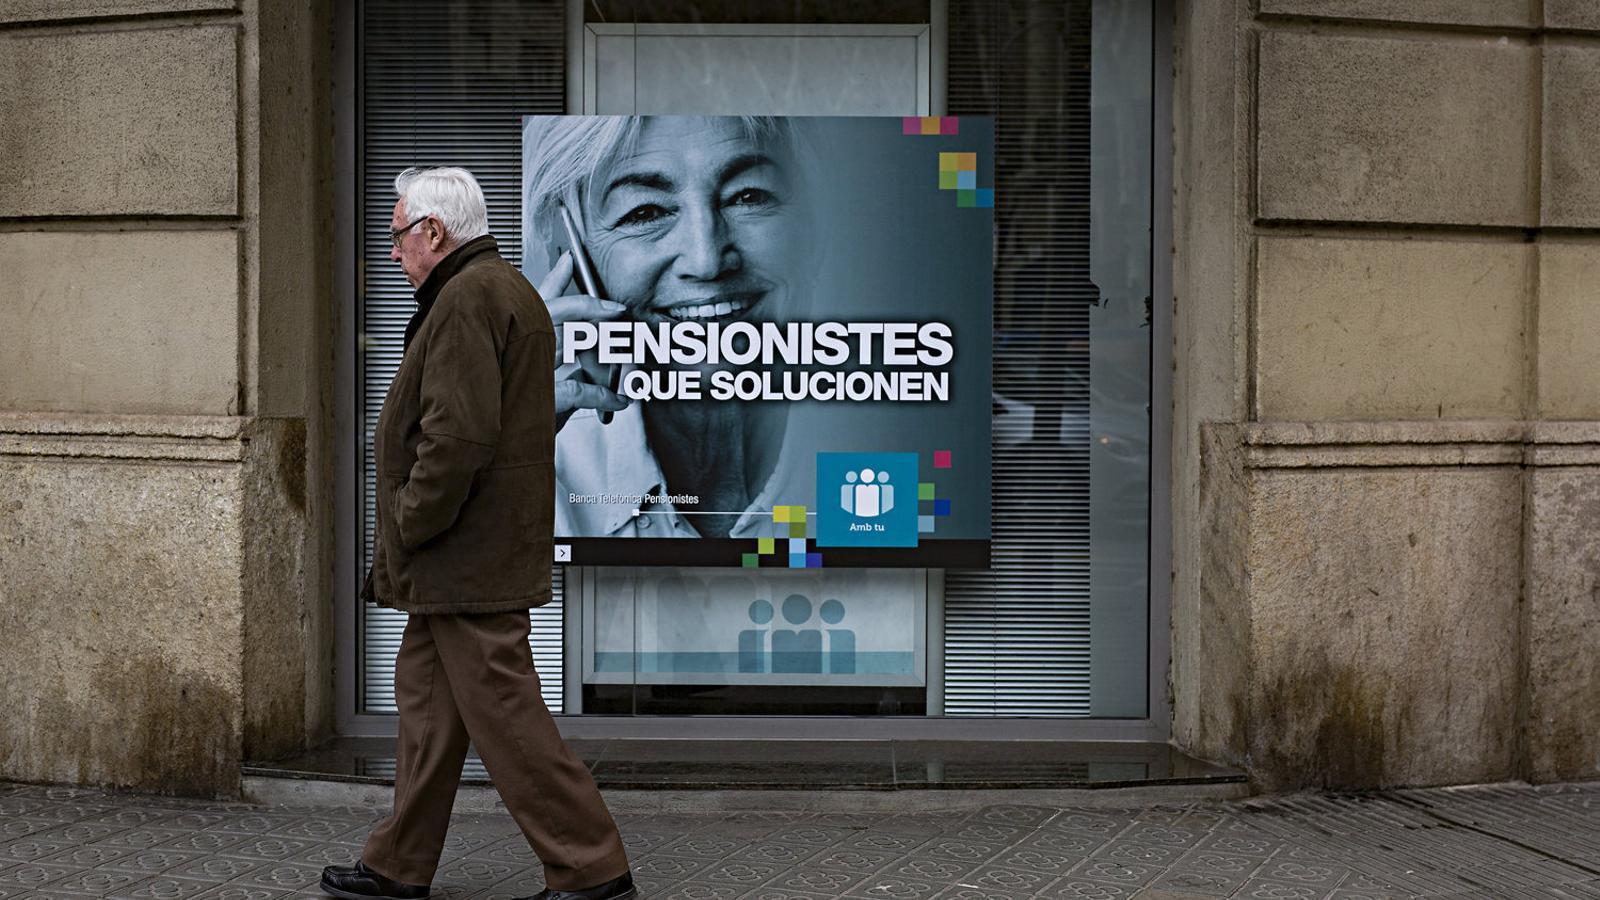 La mala situació del sistema públic de pensions no ha impulsat els plans privats.